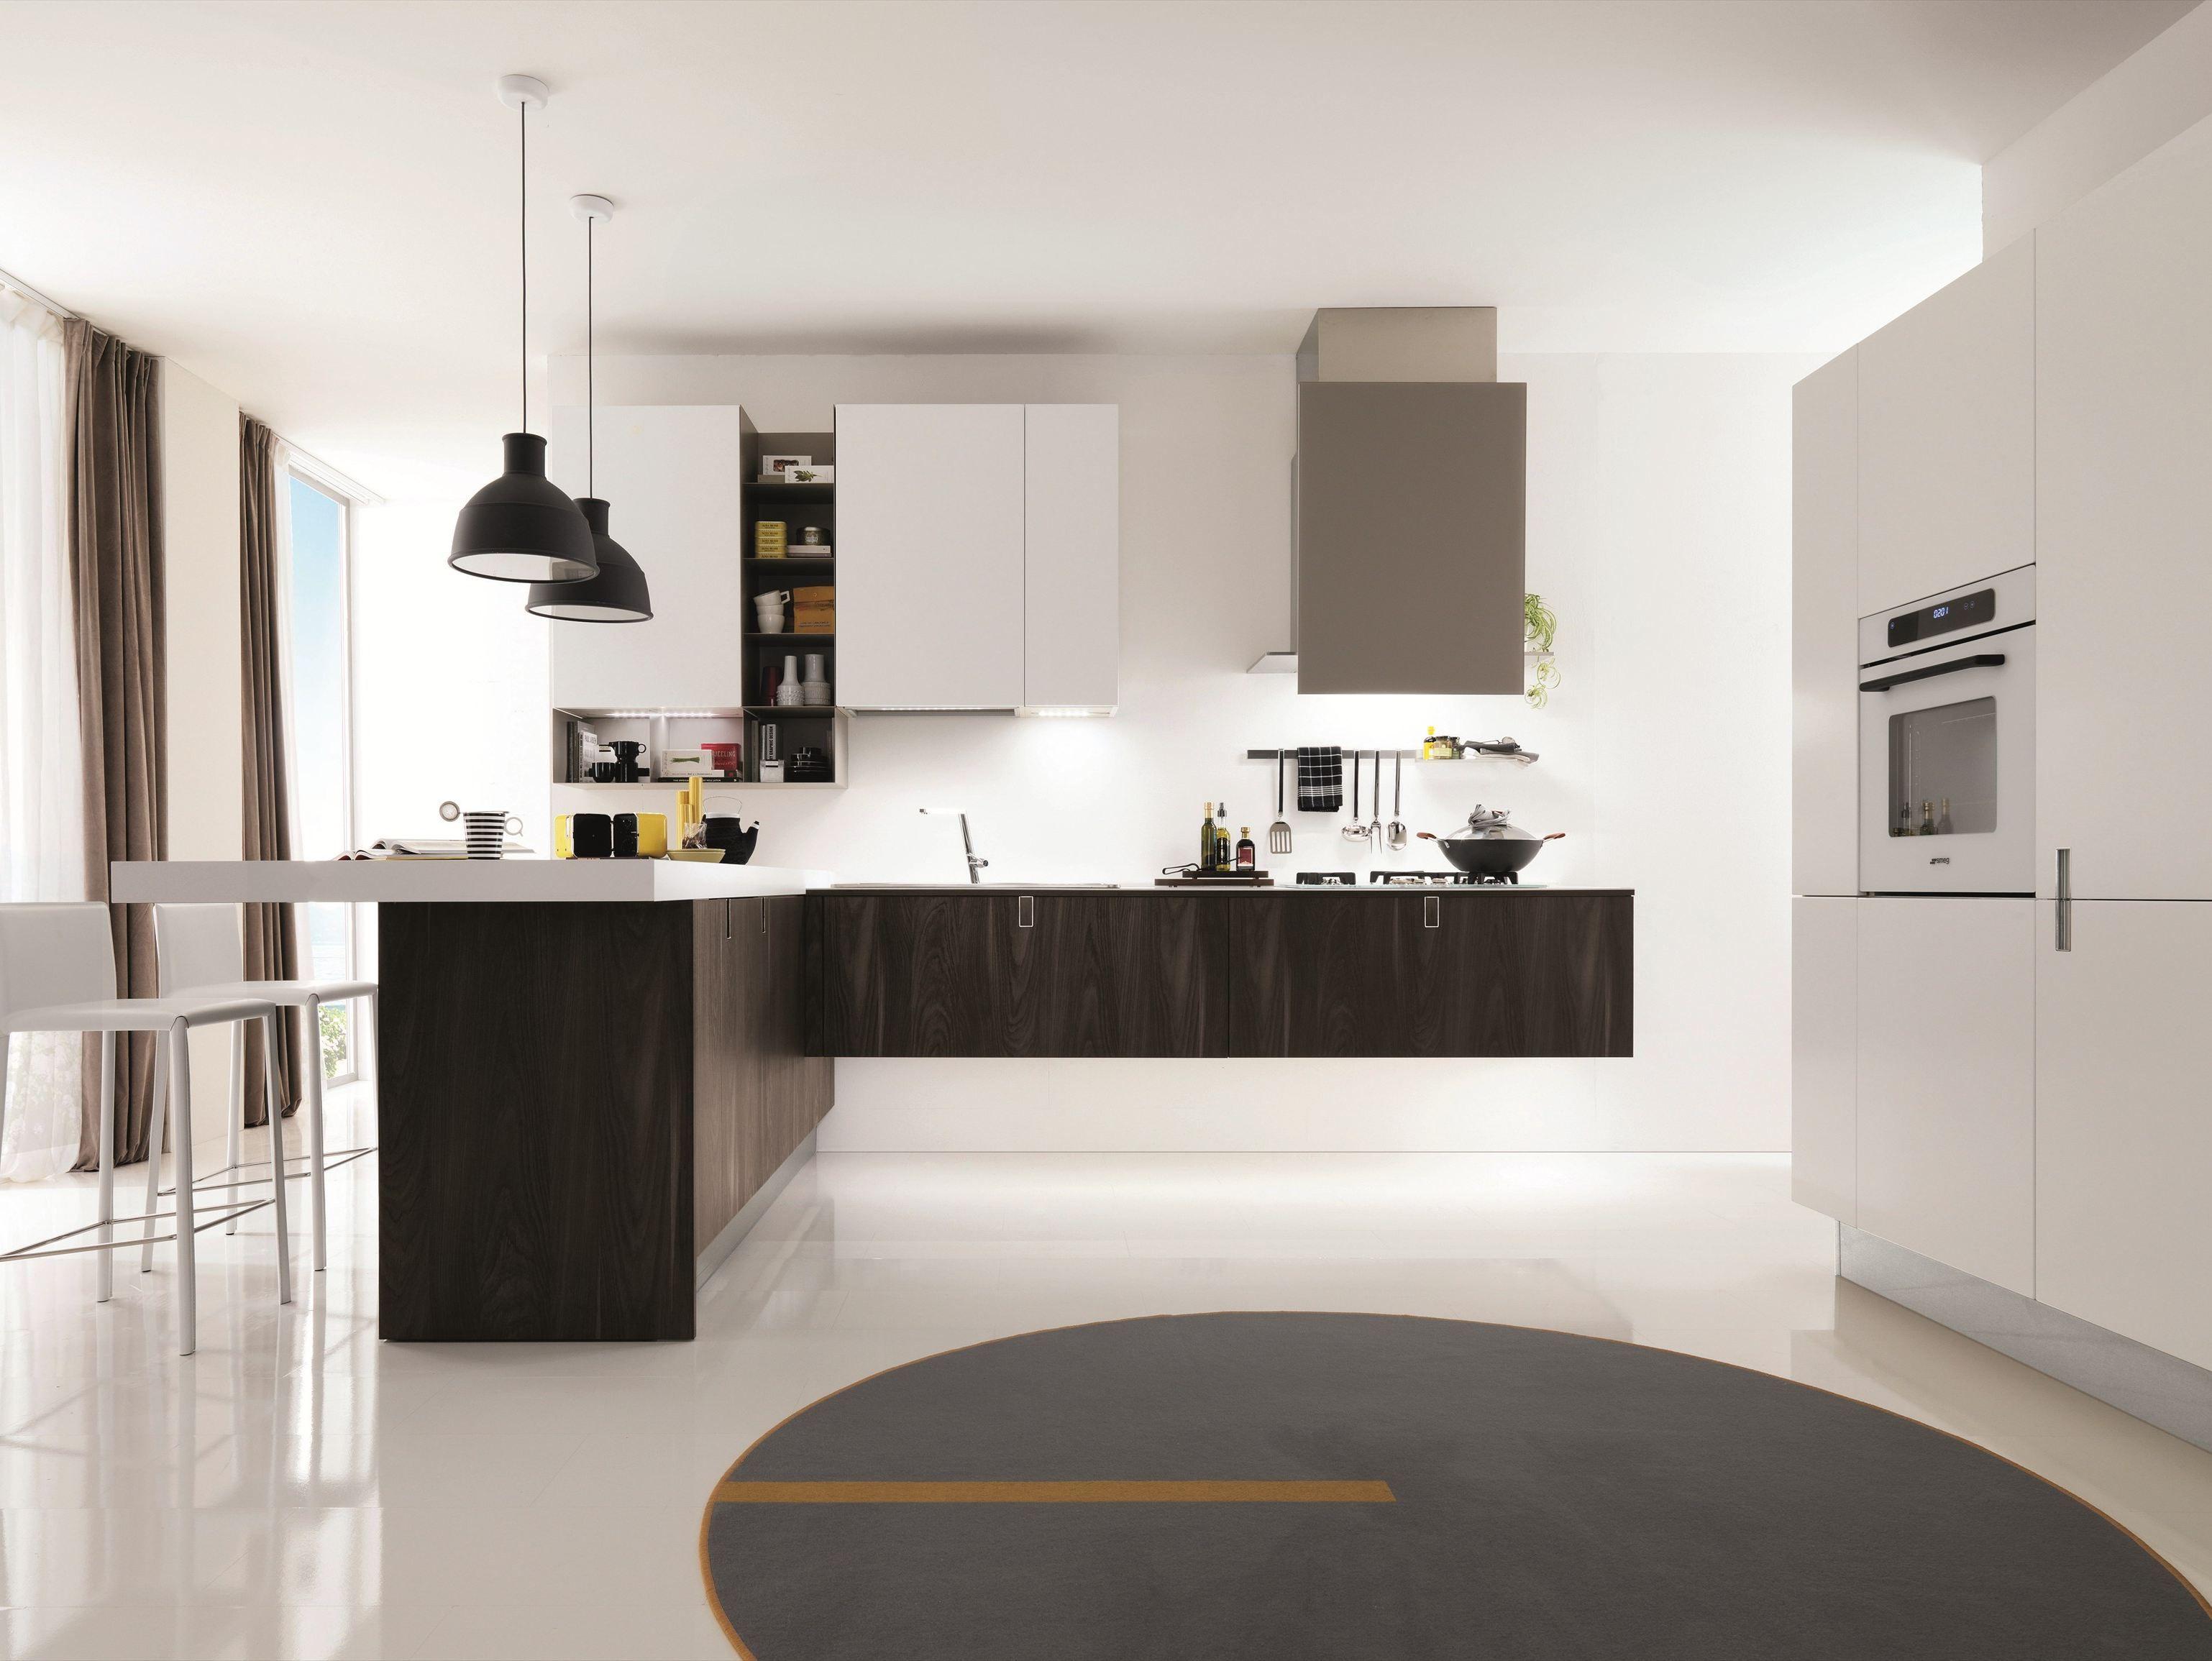 Cuisine int gr e de style contemporain laclip by euromobil - Cuisine style campagne contemporain ...